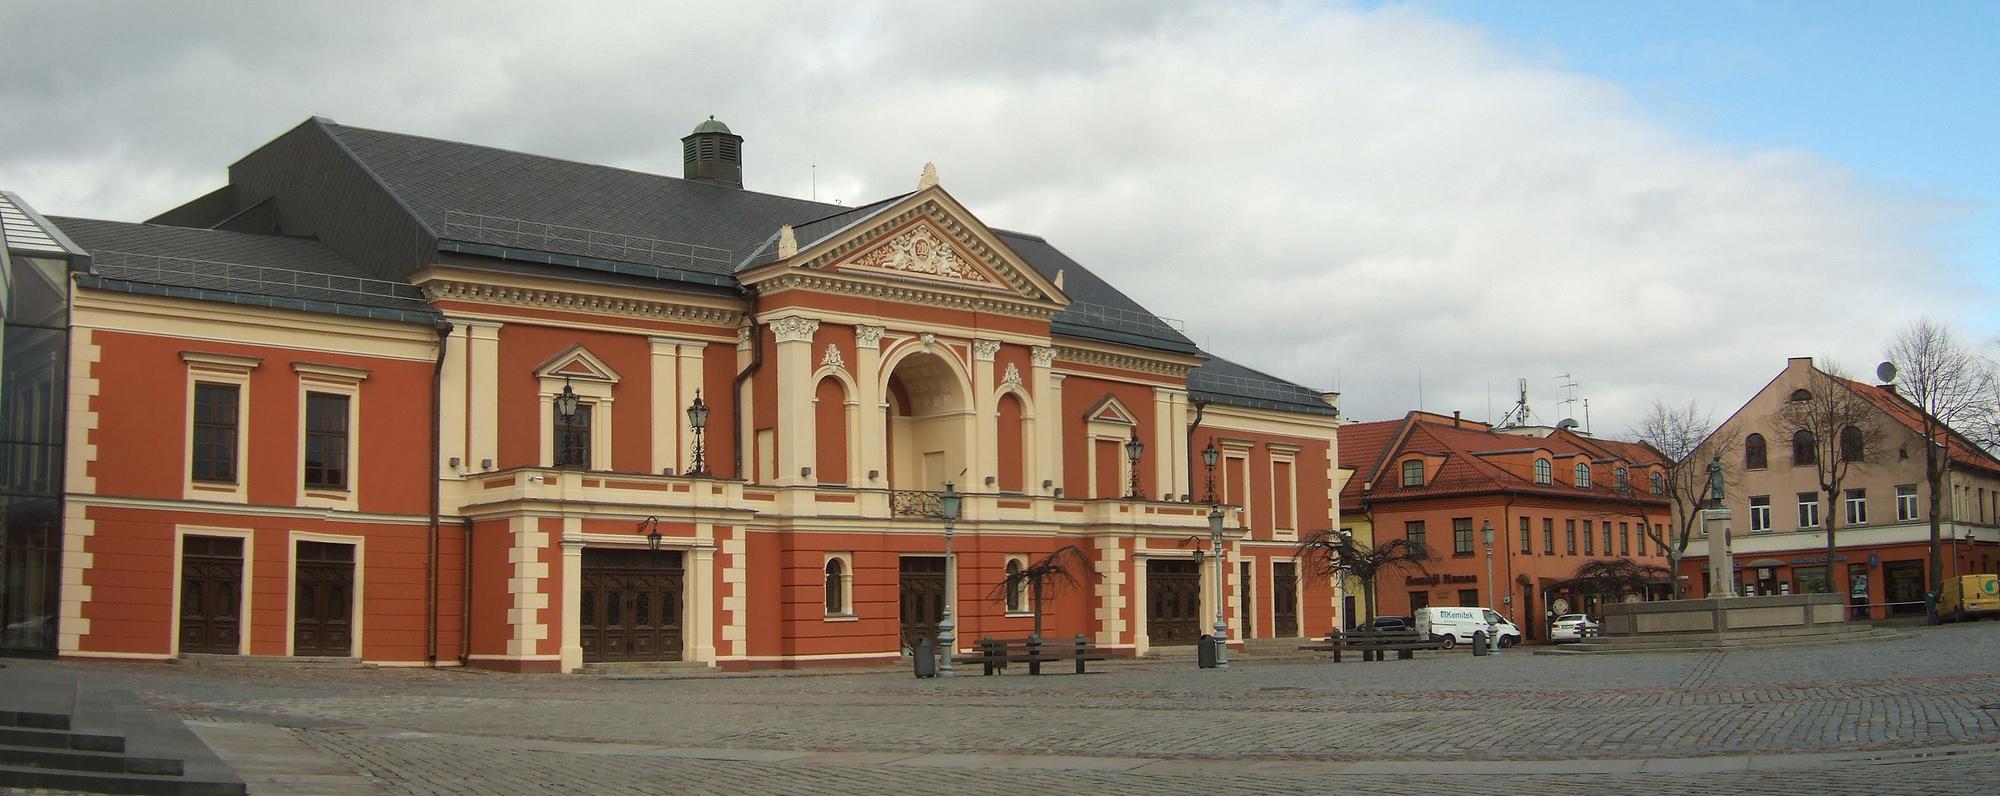 Teatr Dramatyczny na kłajpedzkiej starówce. Zdj. Wikimedia Commons